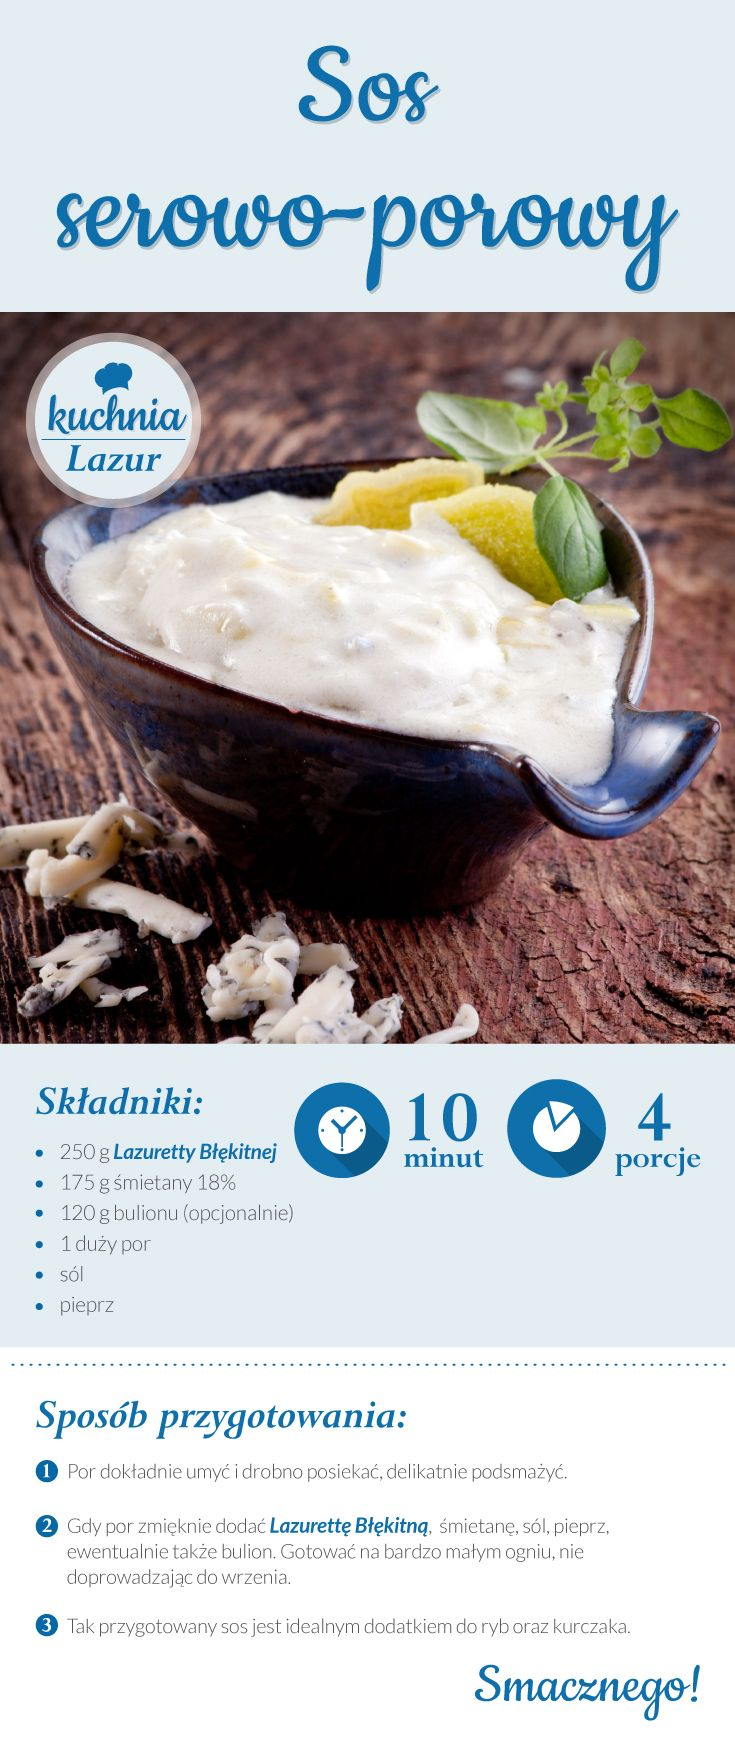 Sos serowo-porowy /sos /por /Lazur /ser pleśniowy /rokpol /przepisy /kuchnia lazur